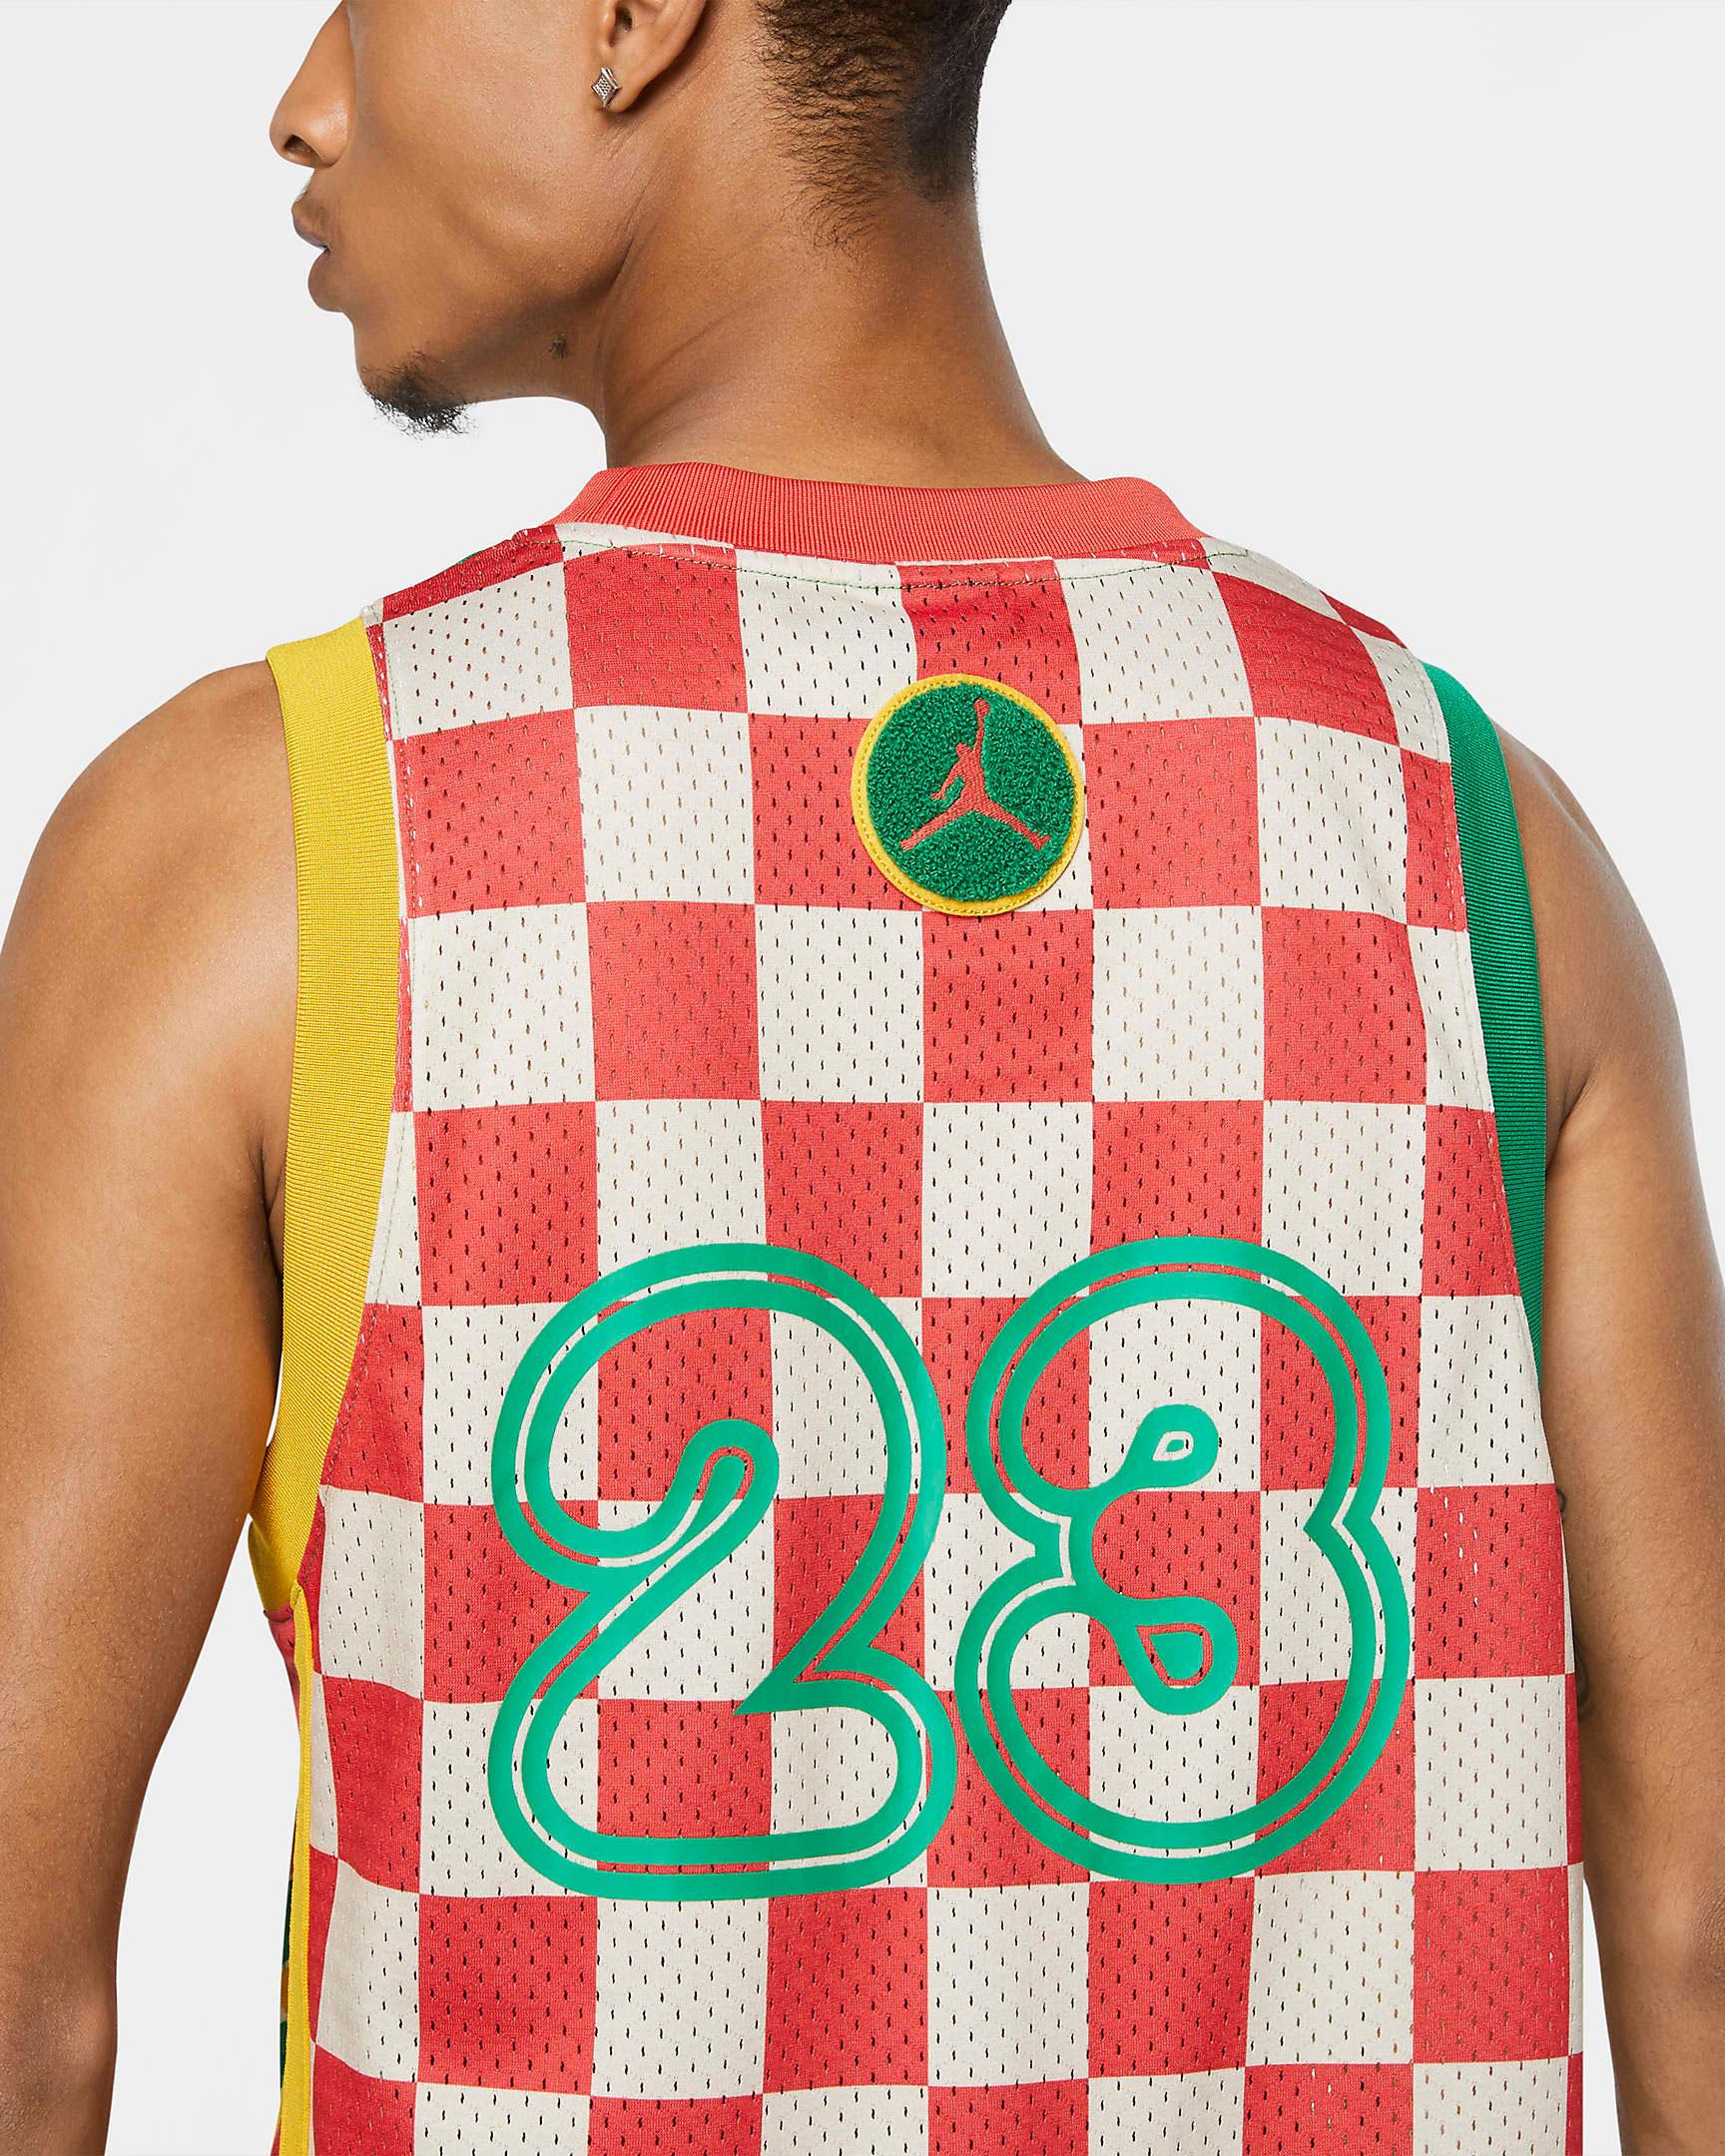 air-jordan-13-lucky-green-jersey-match-5